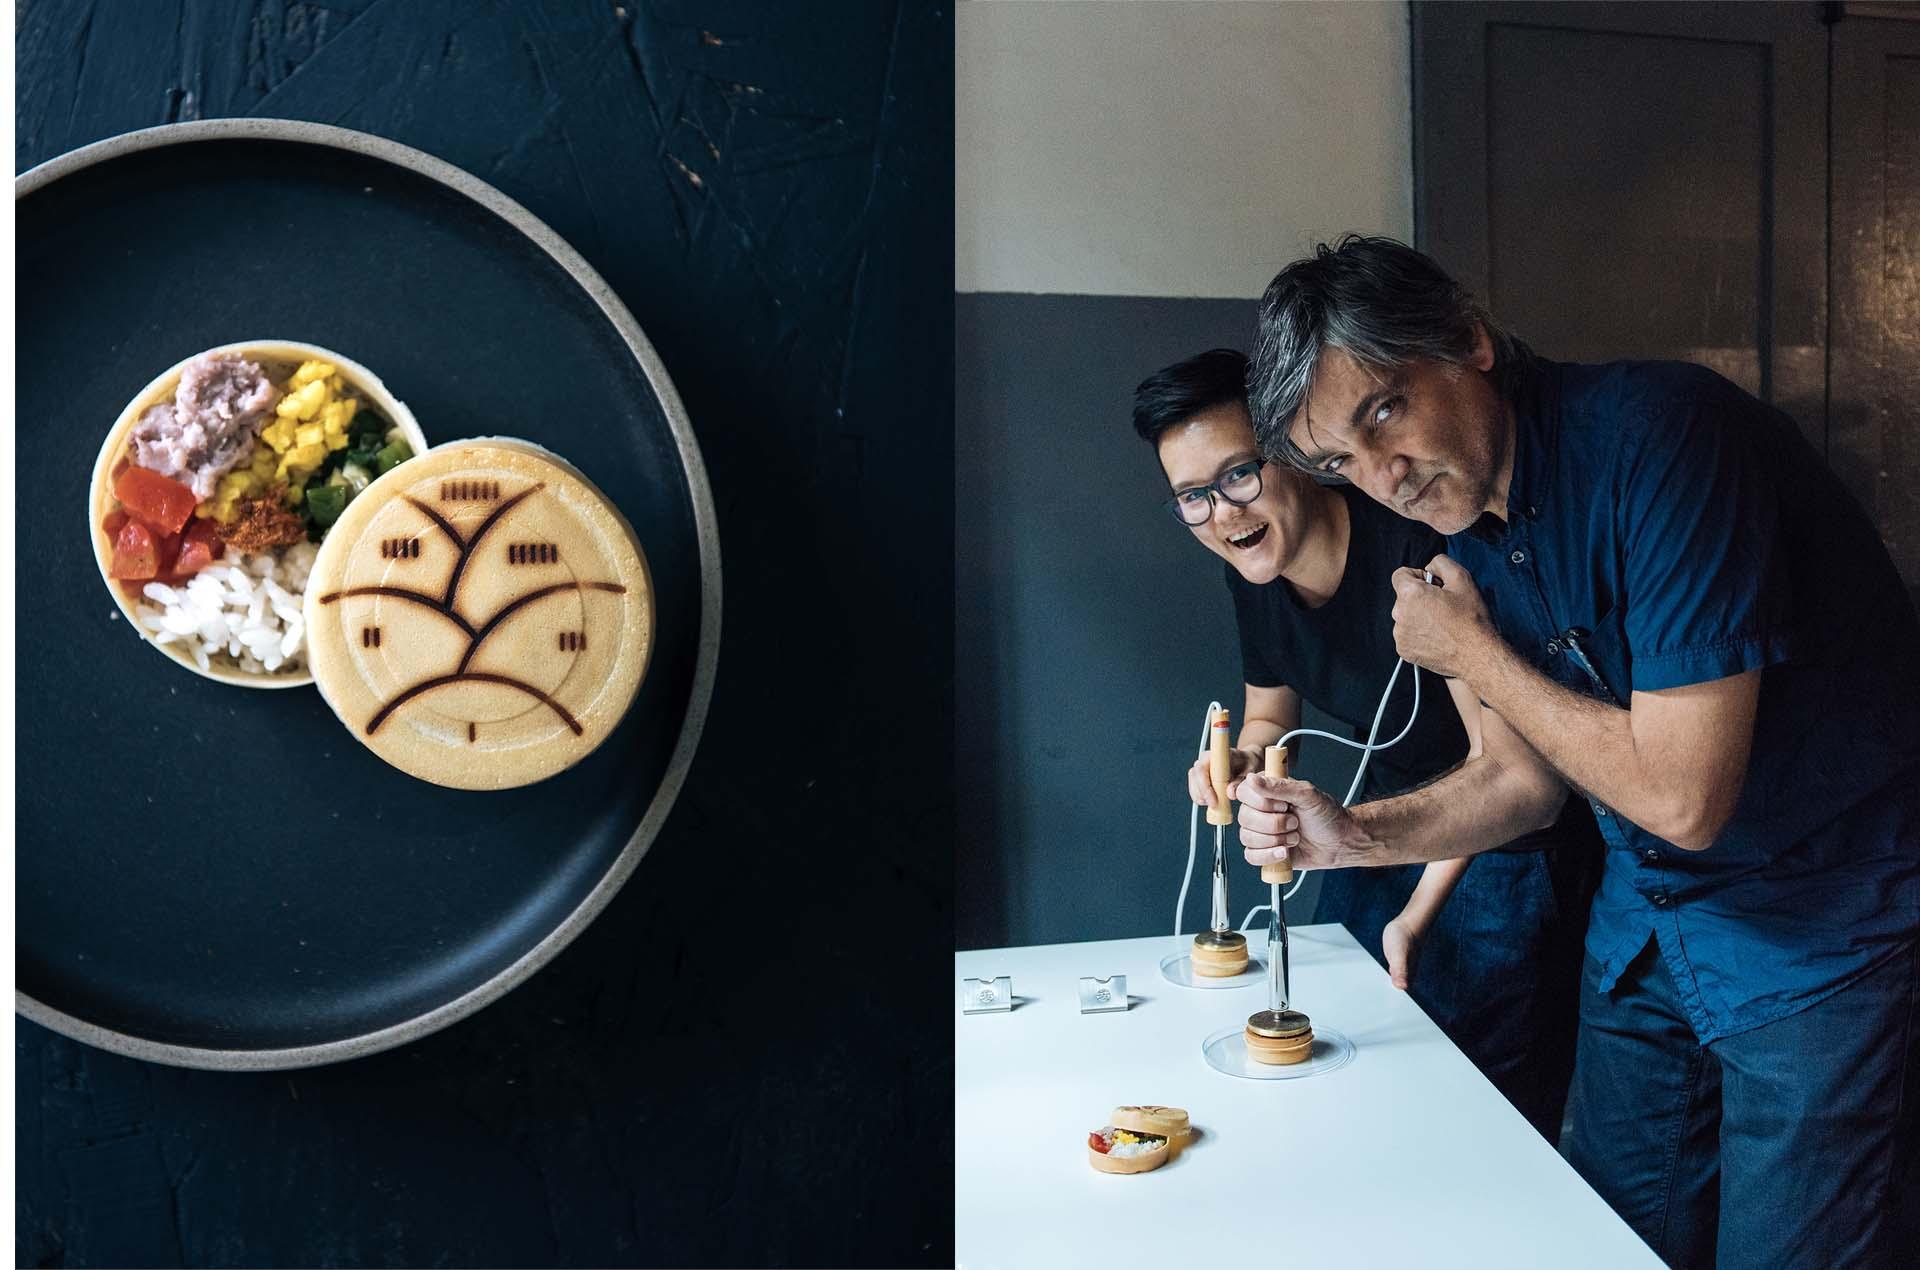 邀請西班牙設計師Martí Guixé一同改造車輪餅,透過全台灣不同地區的食材,如三星蔥、芋泥、紅豆等等,依序裝在車輪餅的內餡盒中。